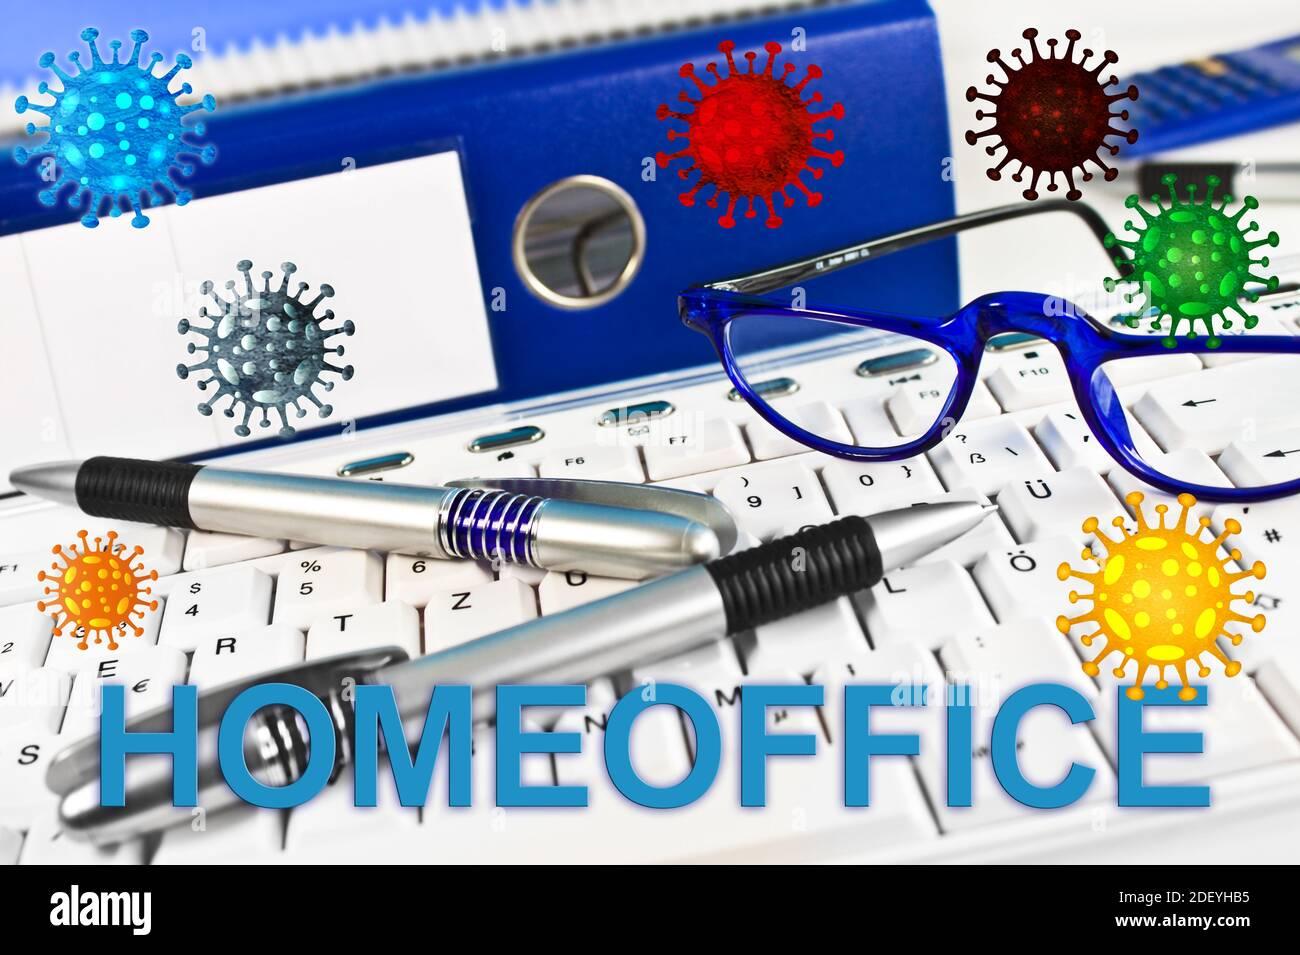 Aktenordner Tastaturn Konzept Homeoffice mit Brille und Corona Viren Stock Photo